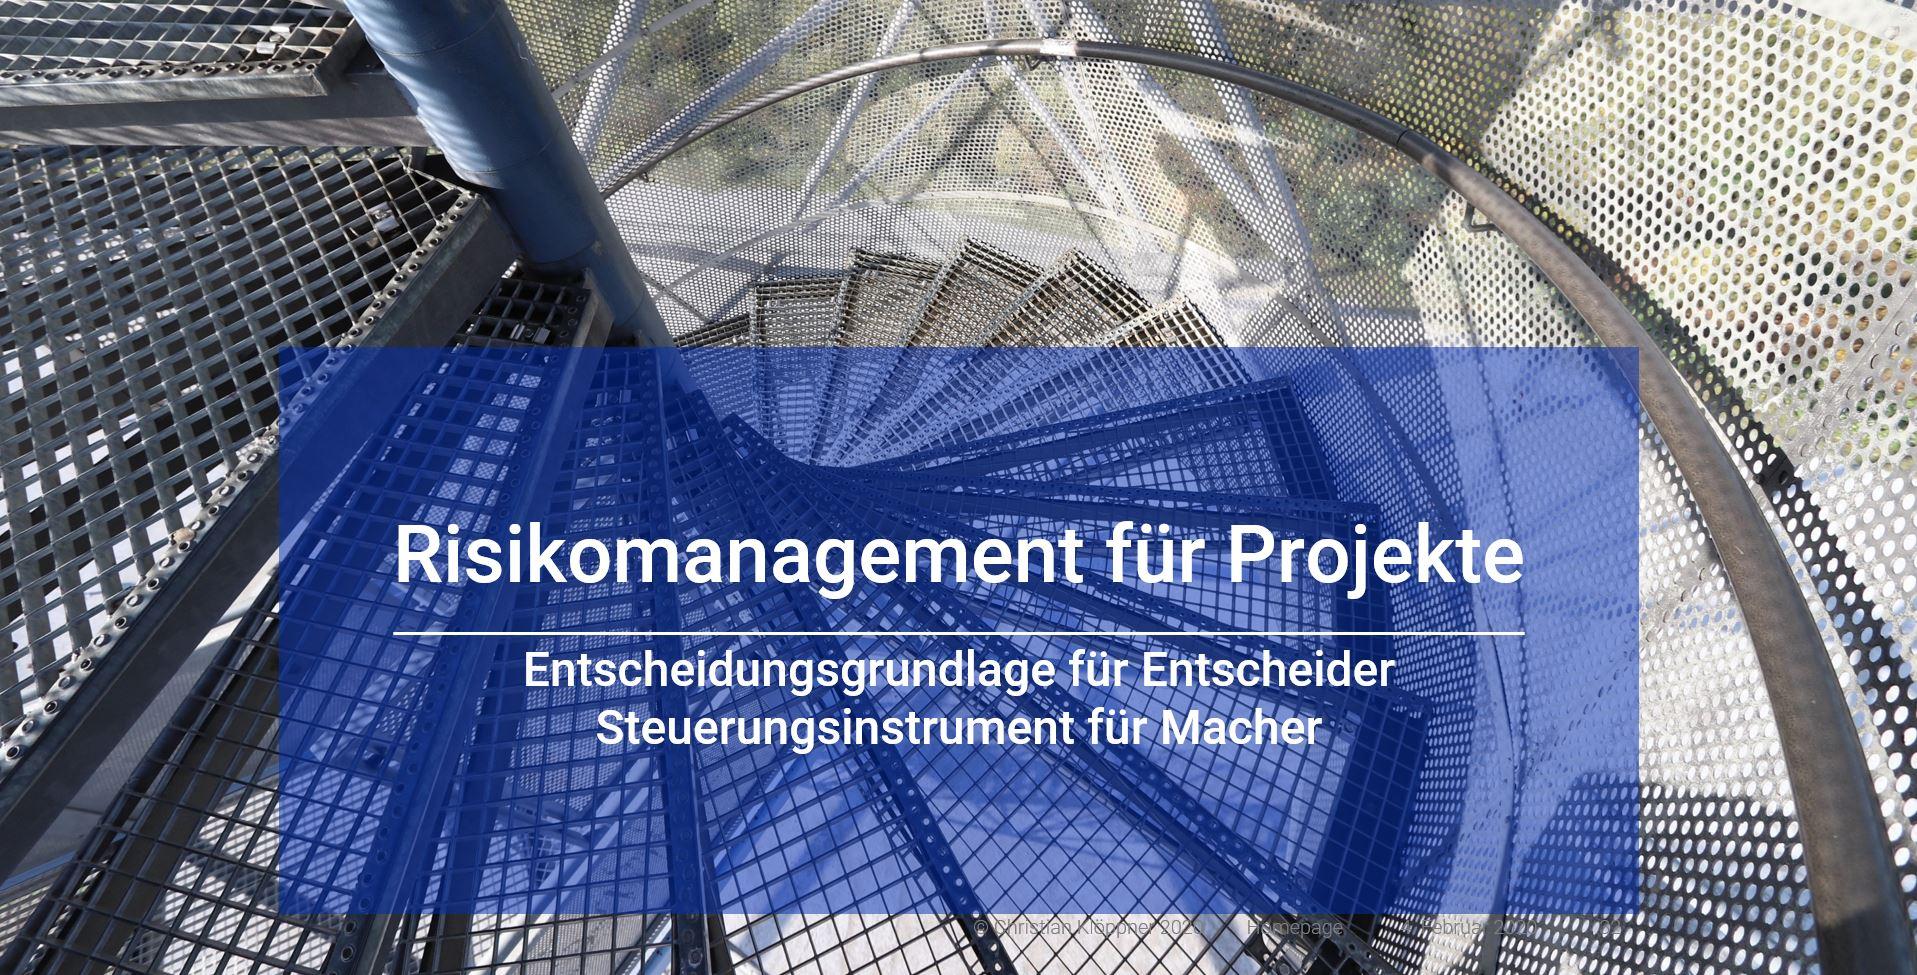 Risikomanagement für Projekte